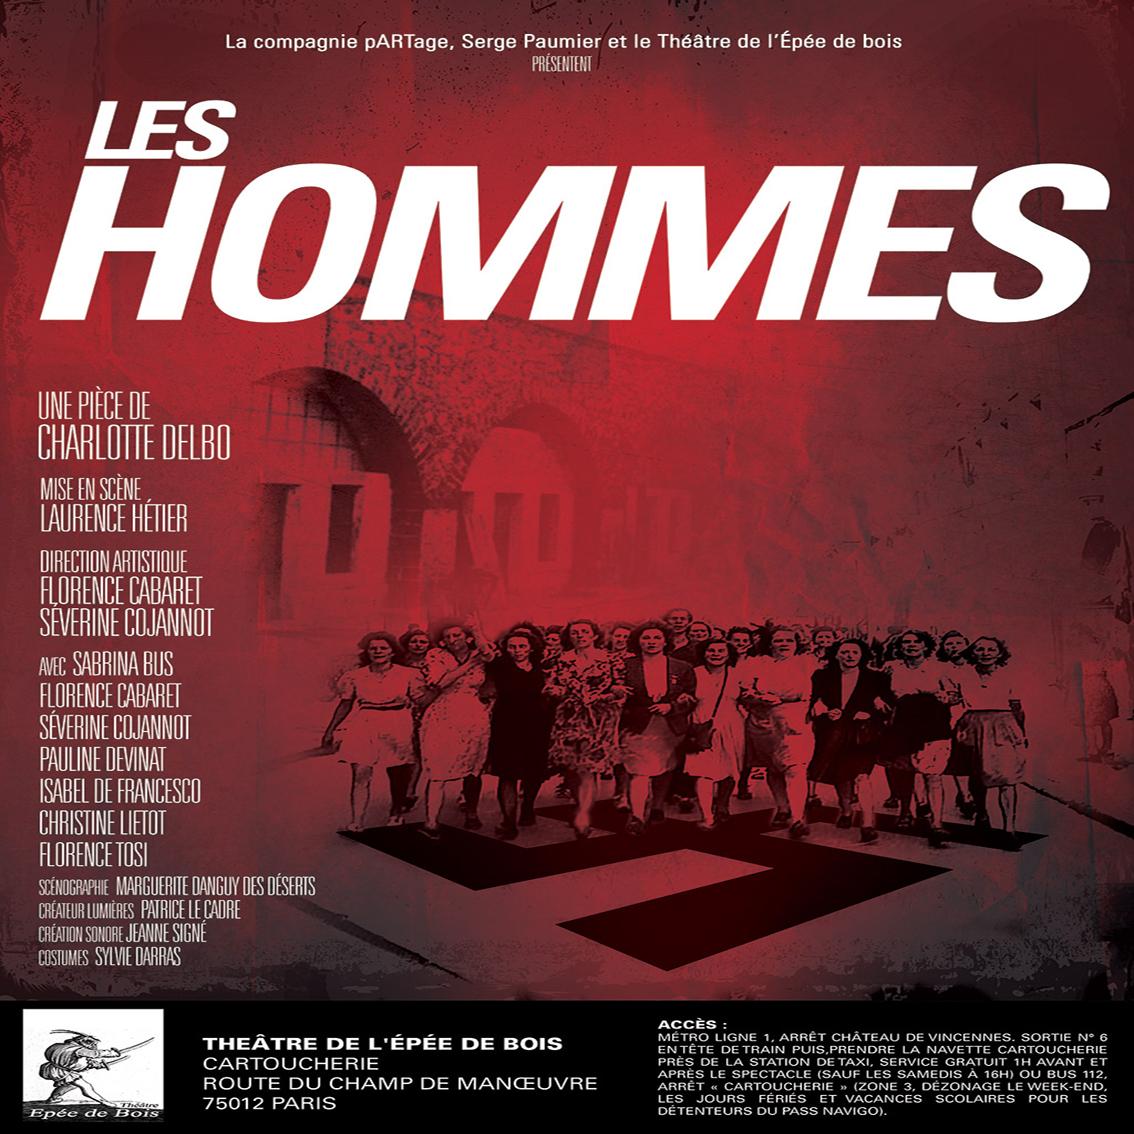 LES HOMMES